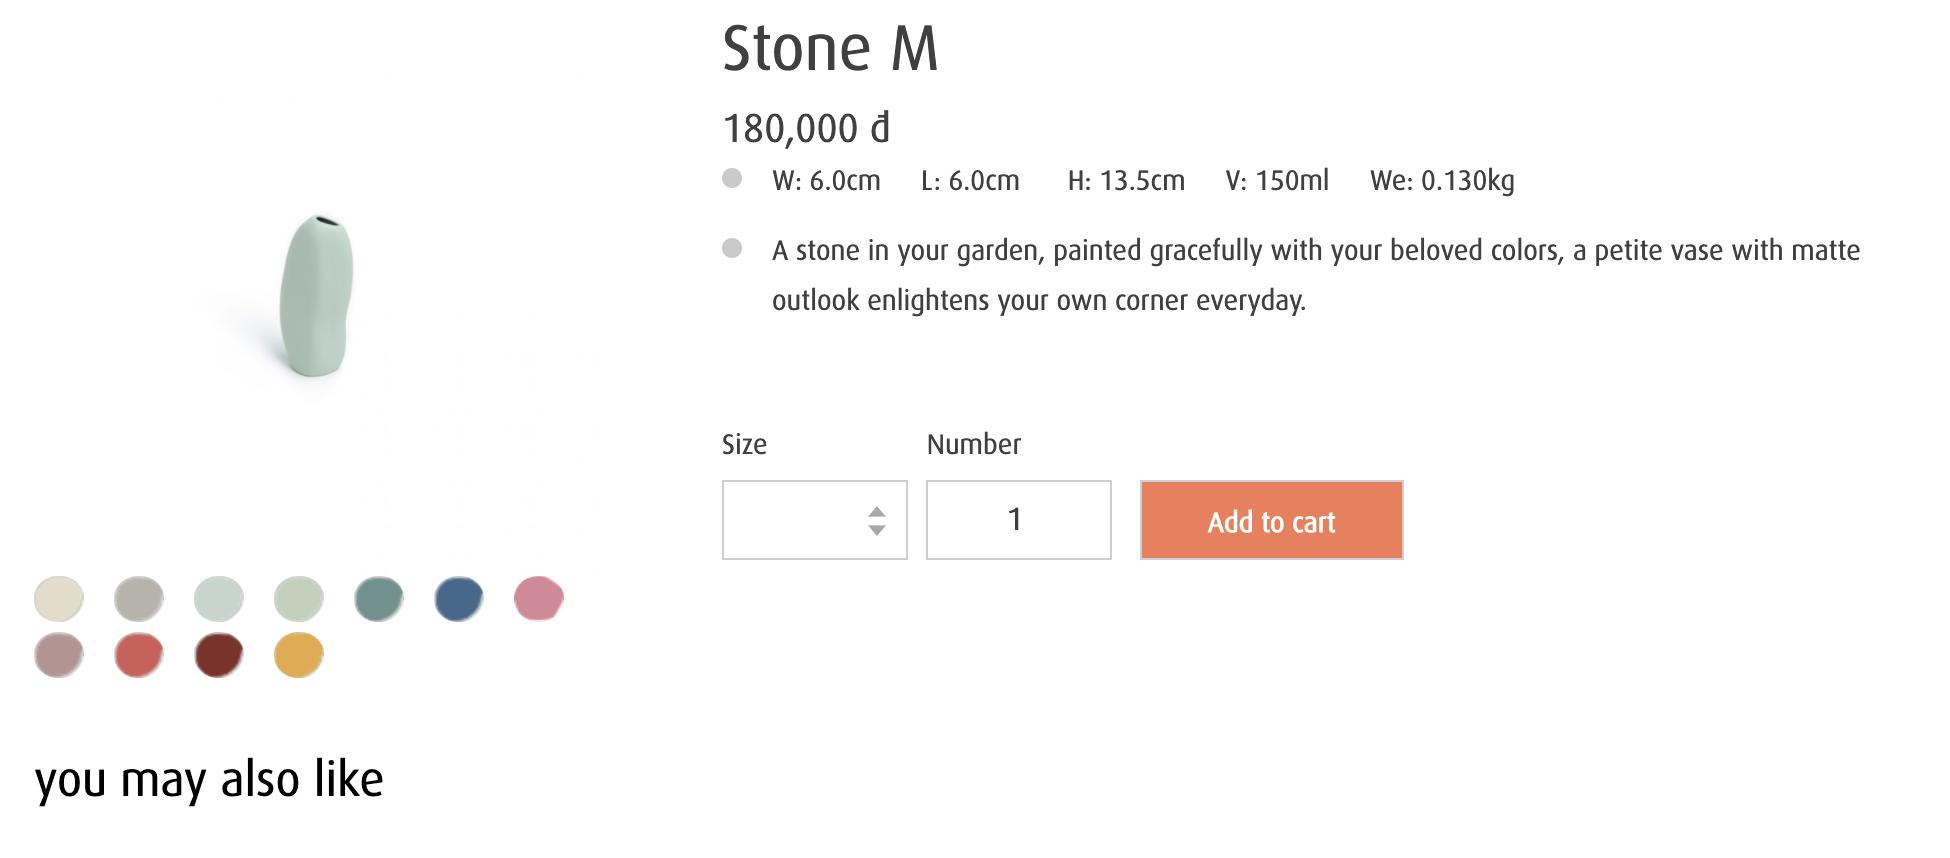 Quỳnh Anh Shyn tiết lộ nơi mua đồ gốm siêu xinh, hội nghiện nhà nhất định nên nghía qua - Ảnh 13.